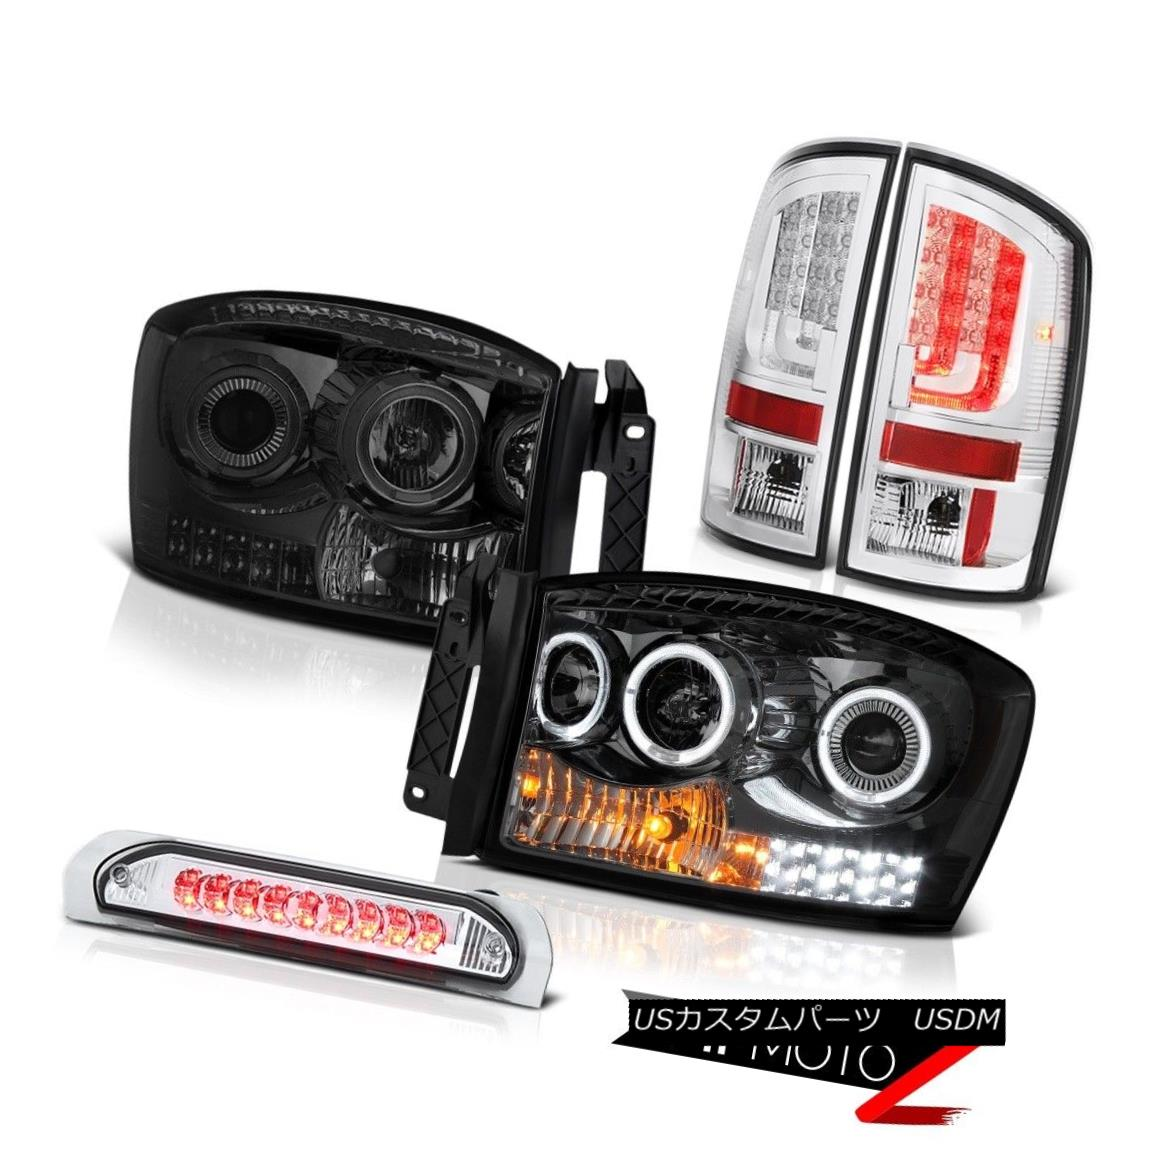 テールライト 2006 Ram 3500 Tail Lamps Headlamps Third Brake Light LED Dual Halo